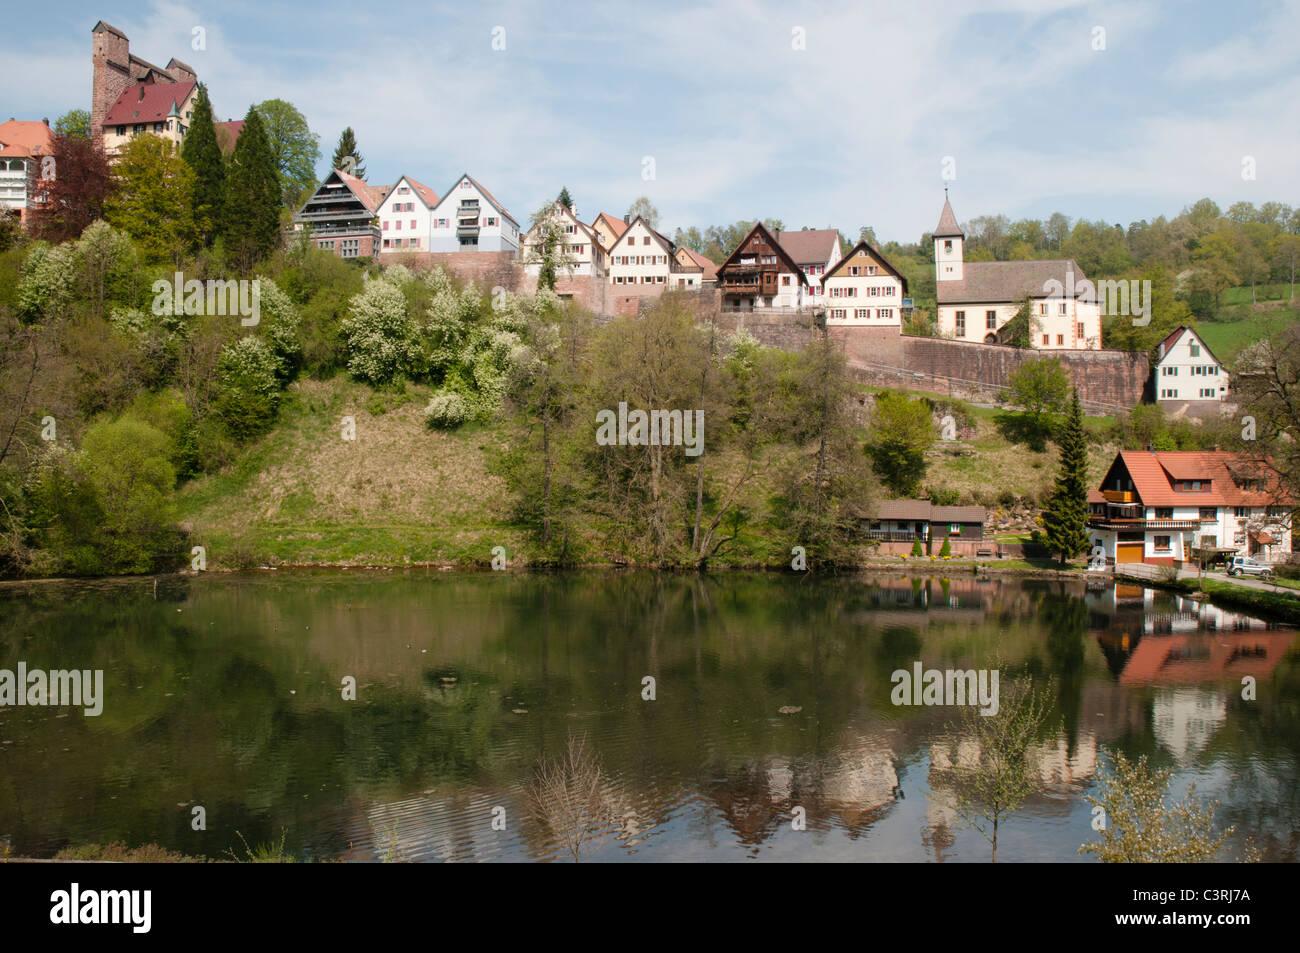 Altstadt von Berneck Mit der Durch Ihre Schildmauer Berühmten Burg Berneck, Landkreis Calw, Schwarzwald, Baden Stockbild